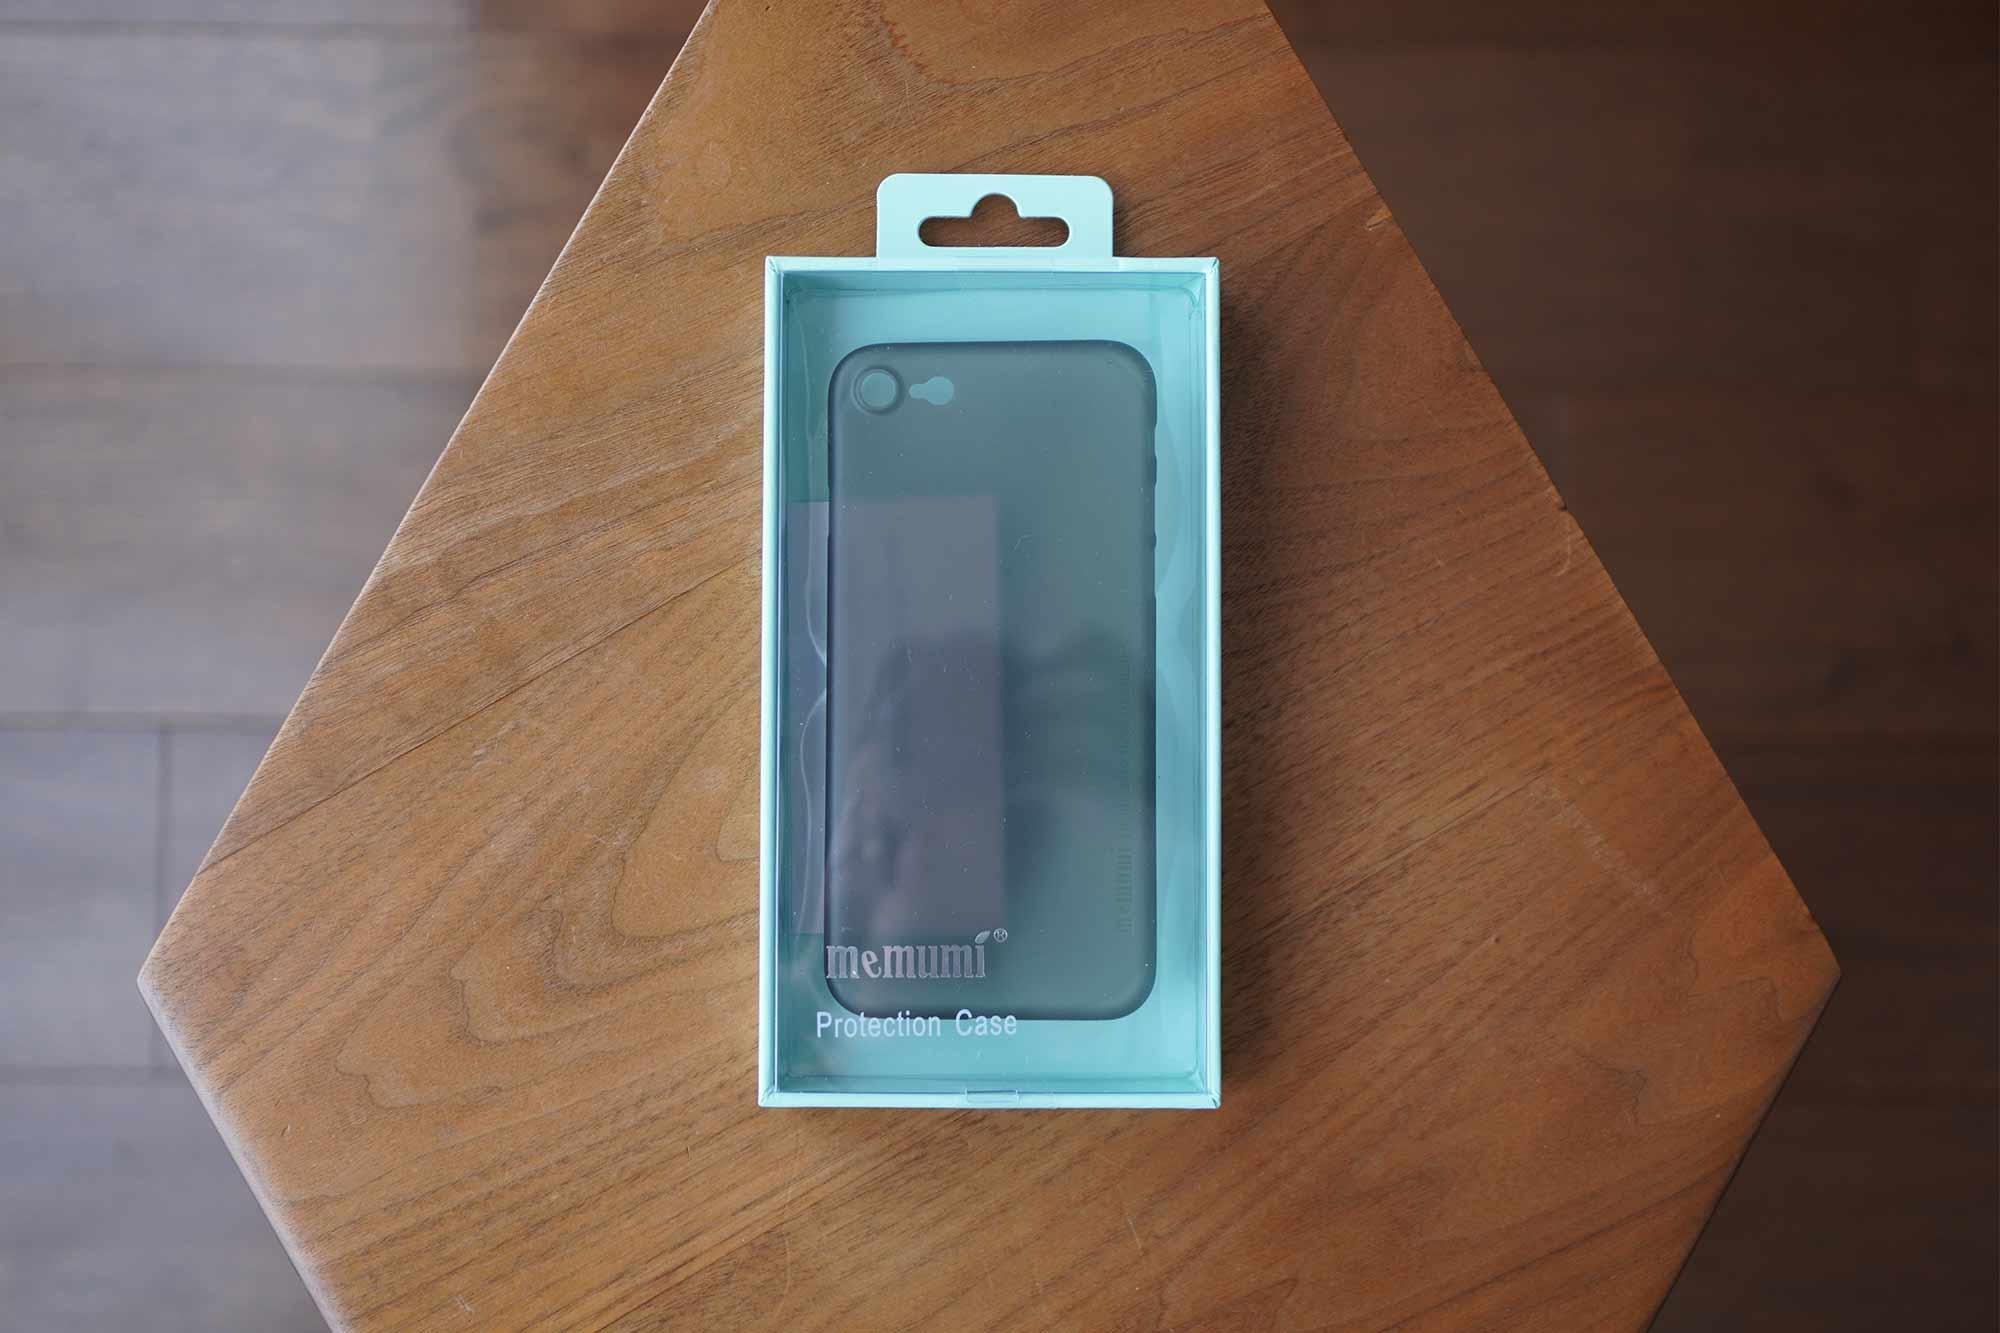 iPhone SE,iPhone 8,iPhone7,ケース,最薄型,最軽量,memumi,パッケージ